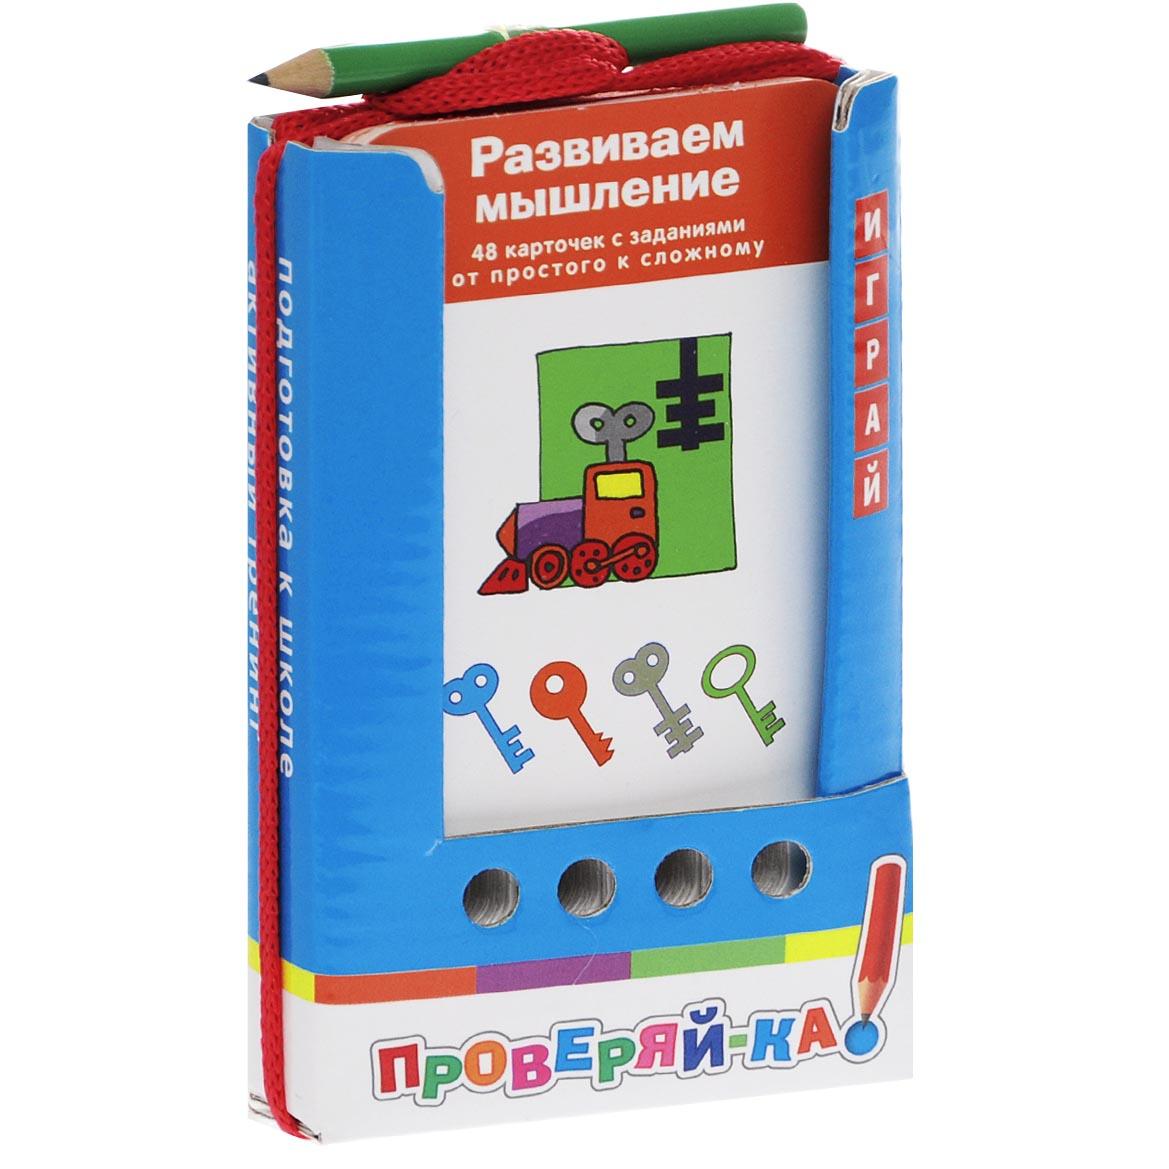 Айрис-пресс Обучающая игра Развиваем мышление набор для игры карточная айрис пресс iq карточки развиваем мышление 25624